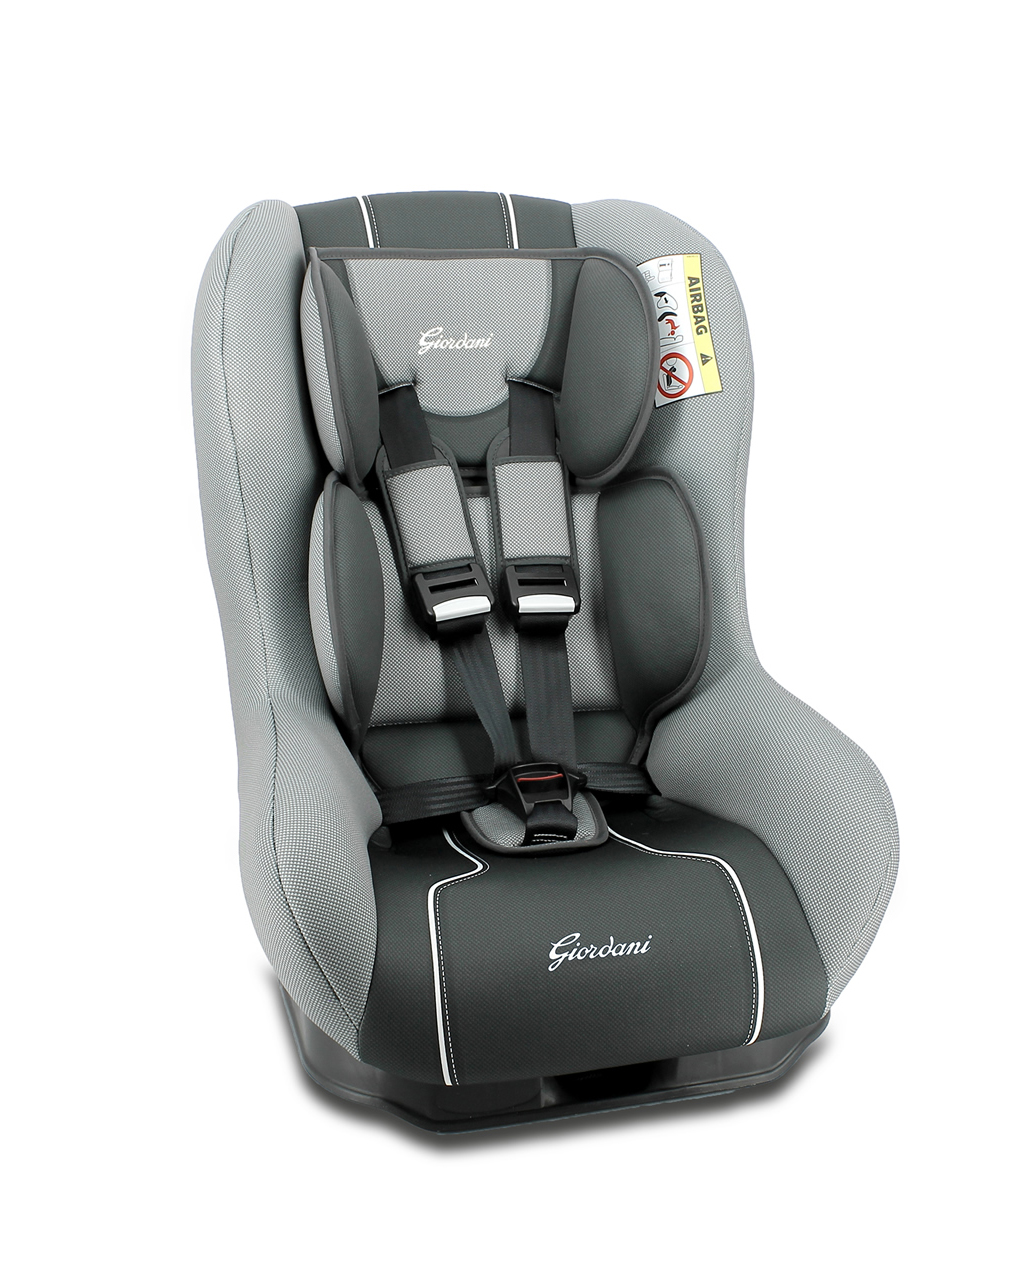 Giordani Κάθισμα Αυτοκινήτου G First Γκρι-Μαύρο Ομ.0+/1